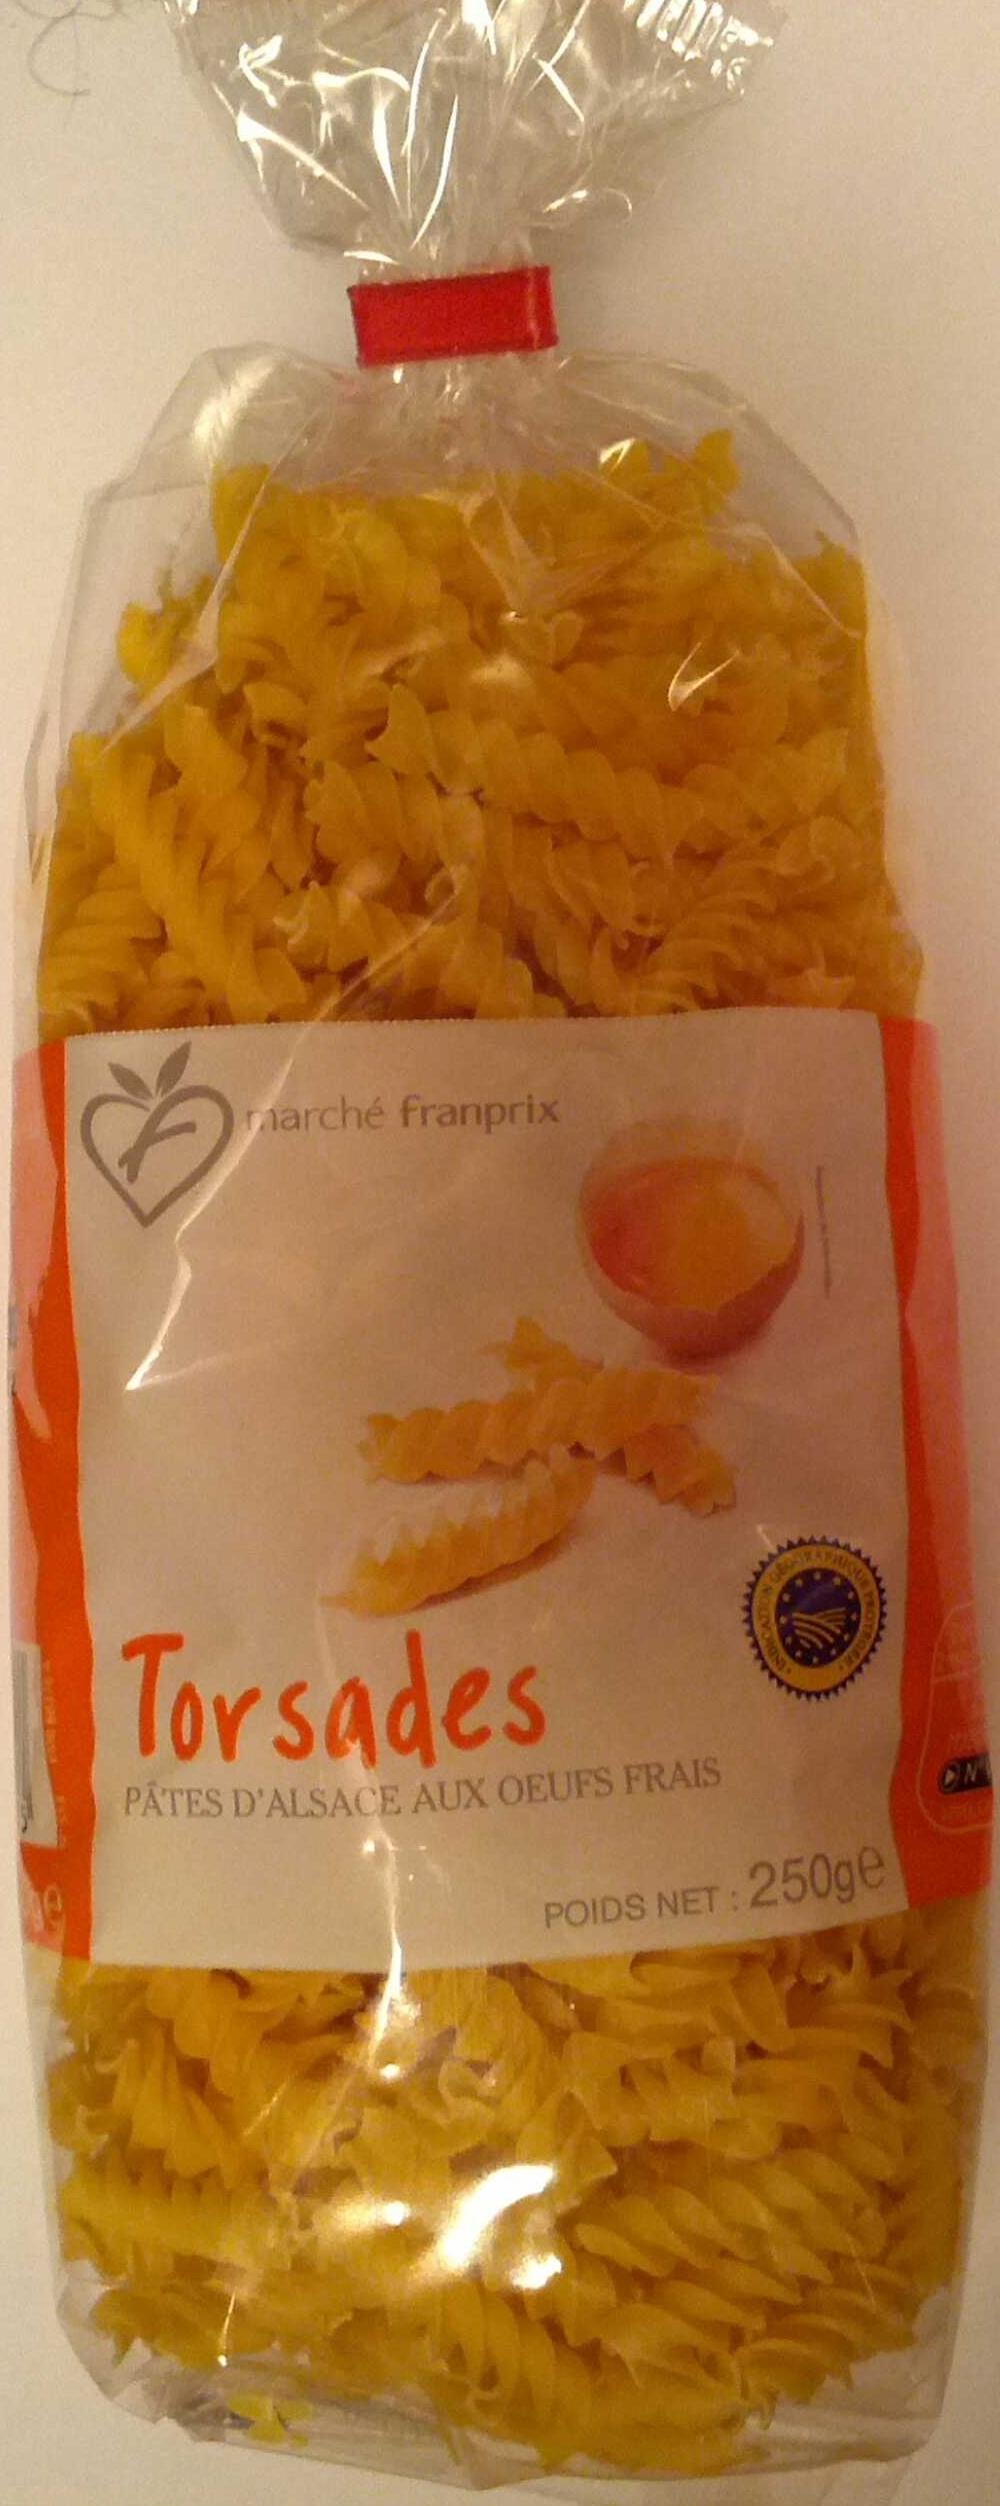 Torsades, Pâtes d'Alsace aux œufs frais - Produit